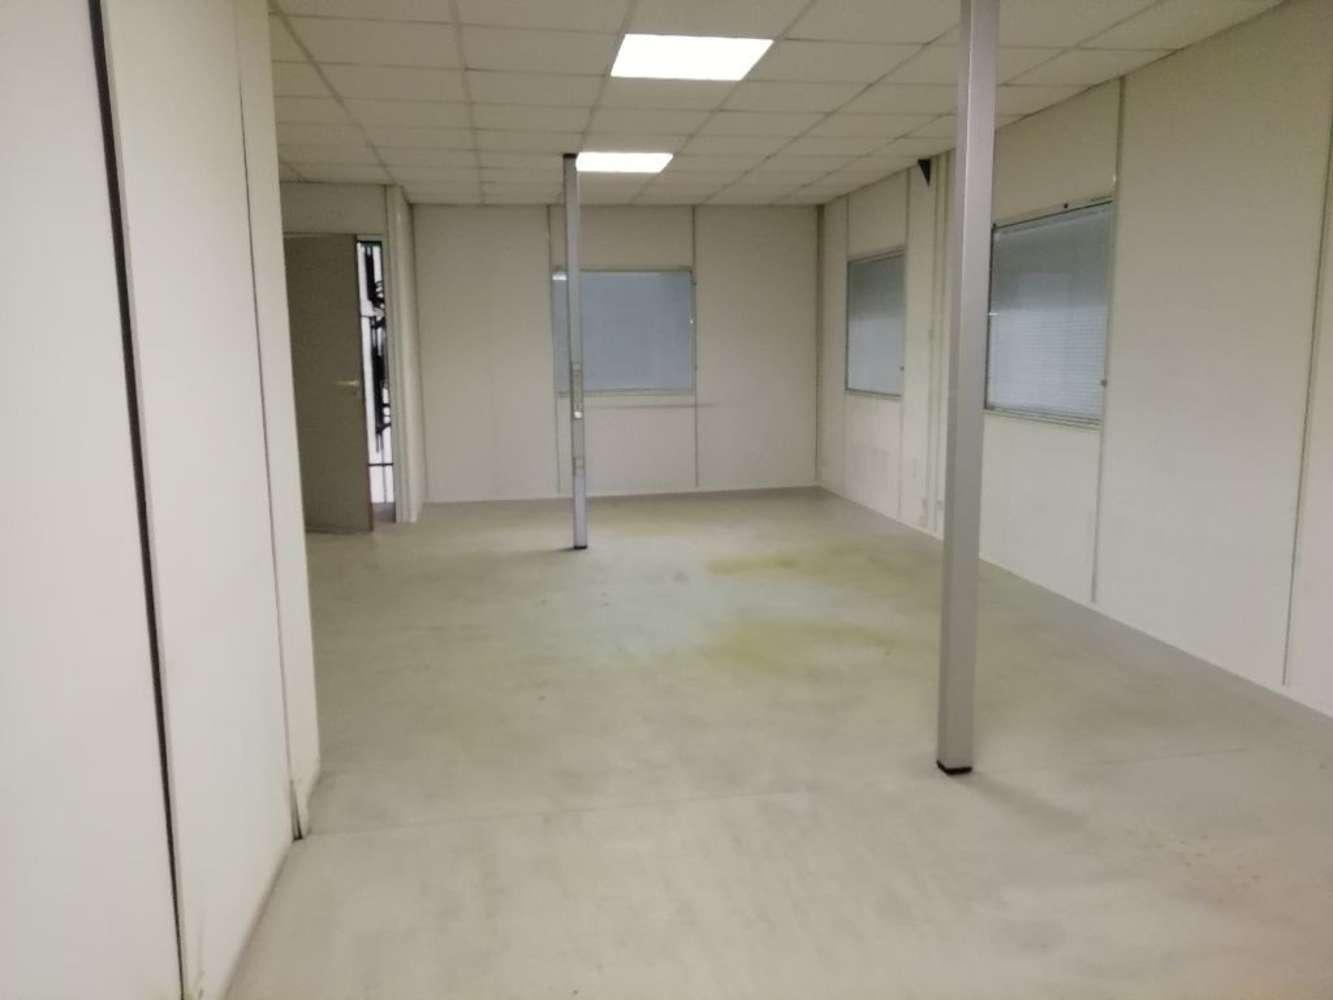 Activités/entrepôt Venissieux, 69200 - LOCATION LOCAUX D'ACTIVITÉ - VENISSIEUX - 10855188